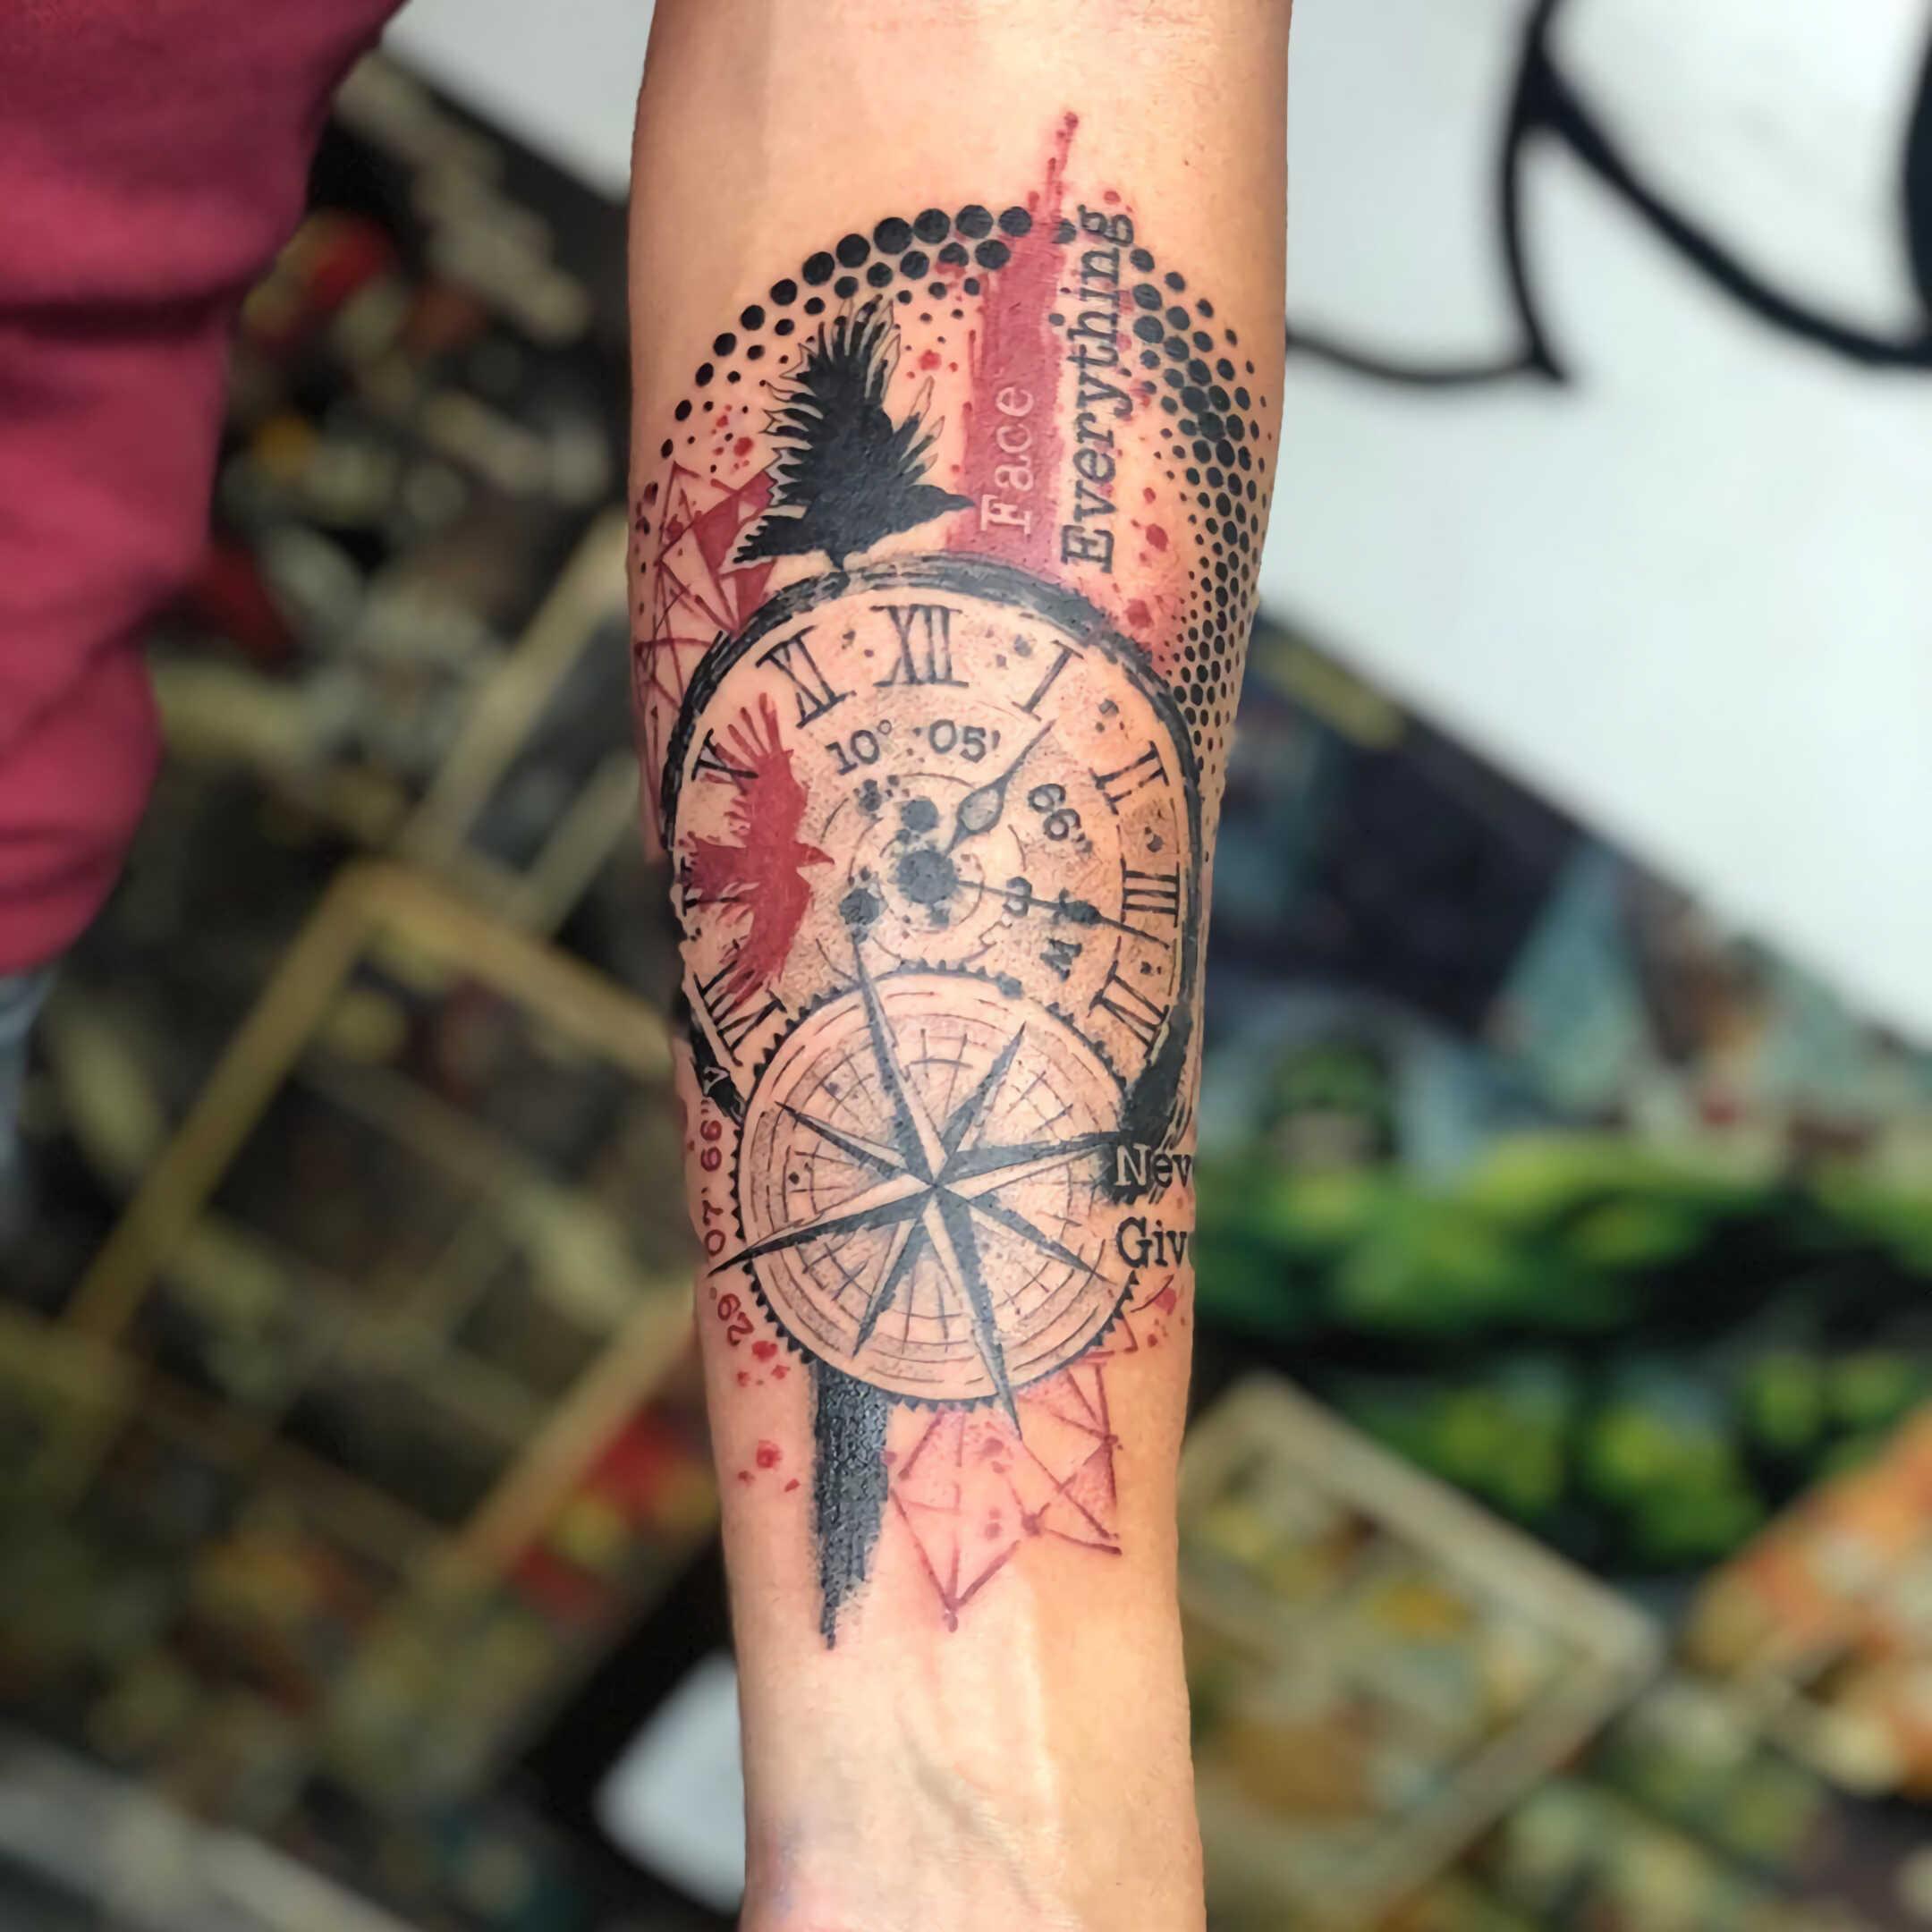 татуировка компаса на руке в стиле трэш-полька